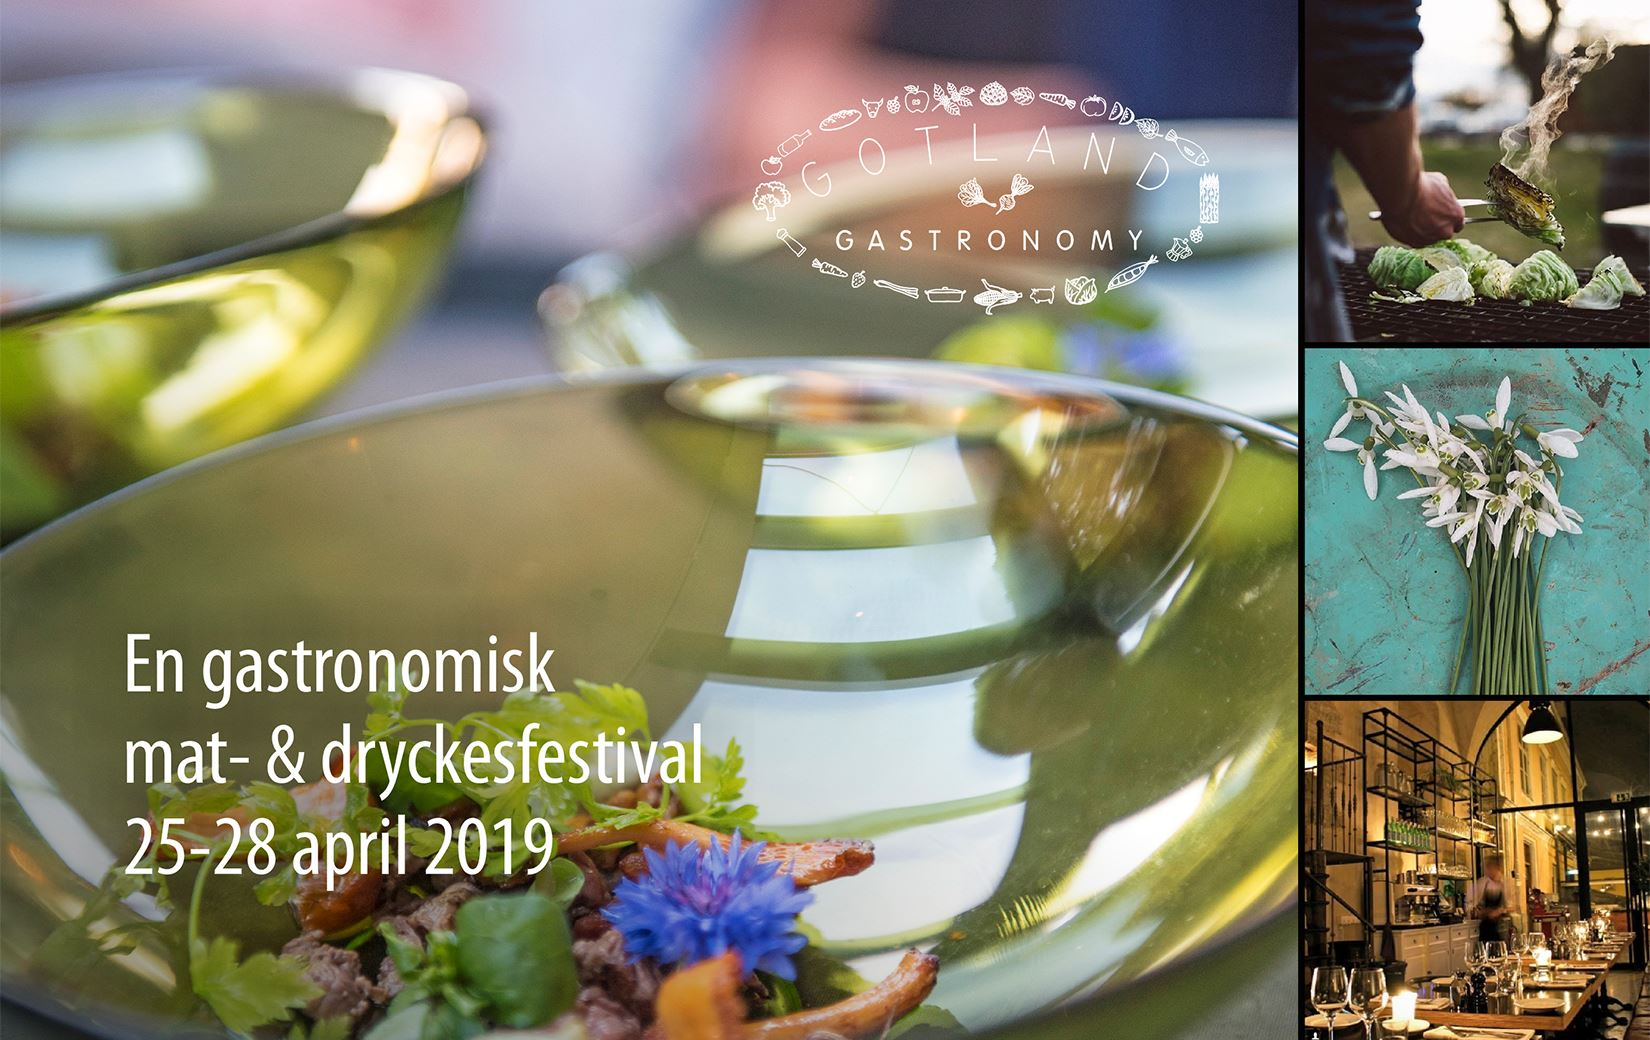 Gotland Gastronomy-paket